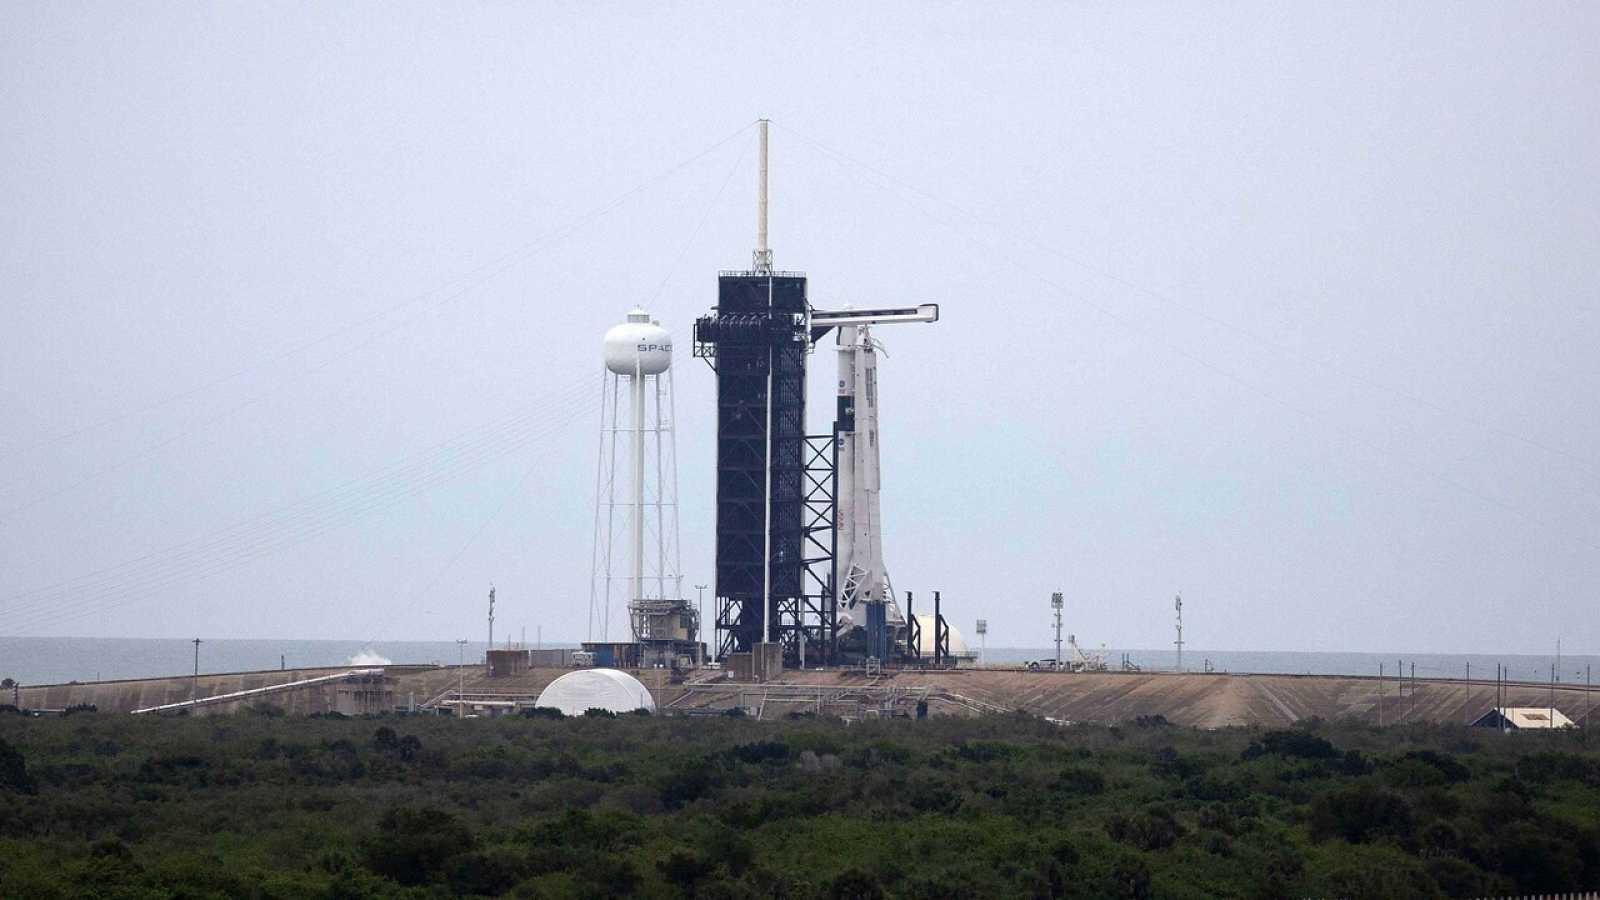 El cohete SpaceX con la nave espacial tripulada en la plataforma de lanzamiento